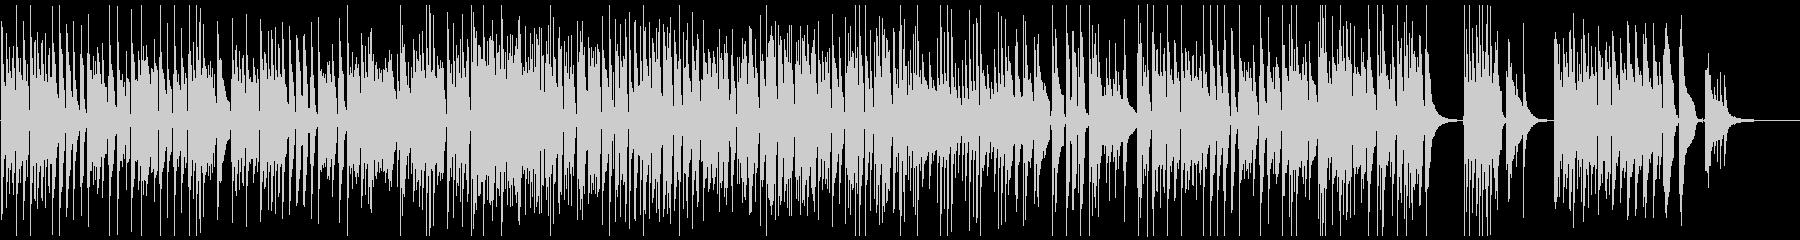 ベートーヴェンの悲愴をナイロンギターでの未再生の波形